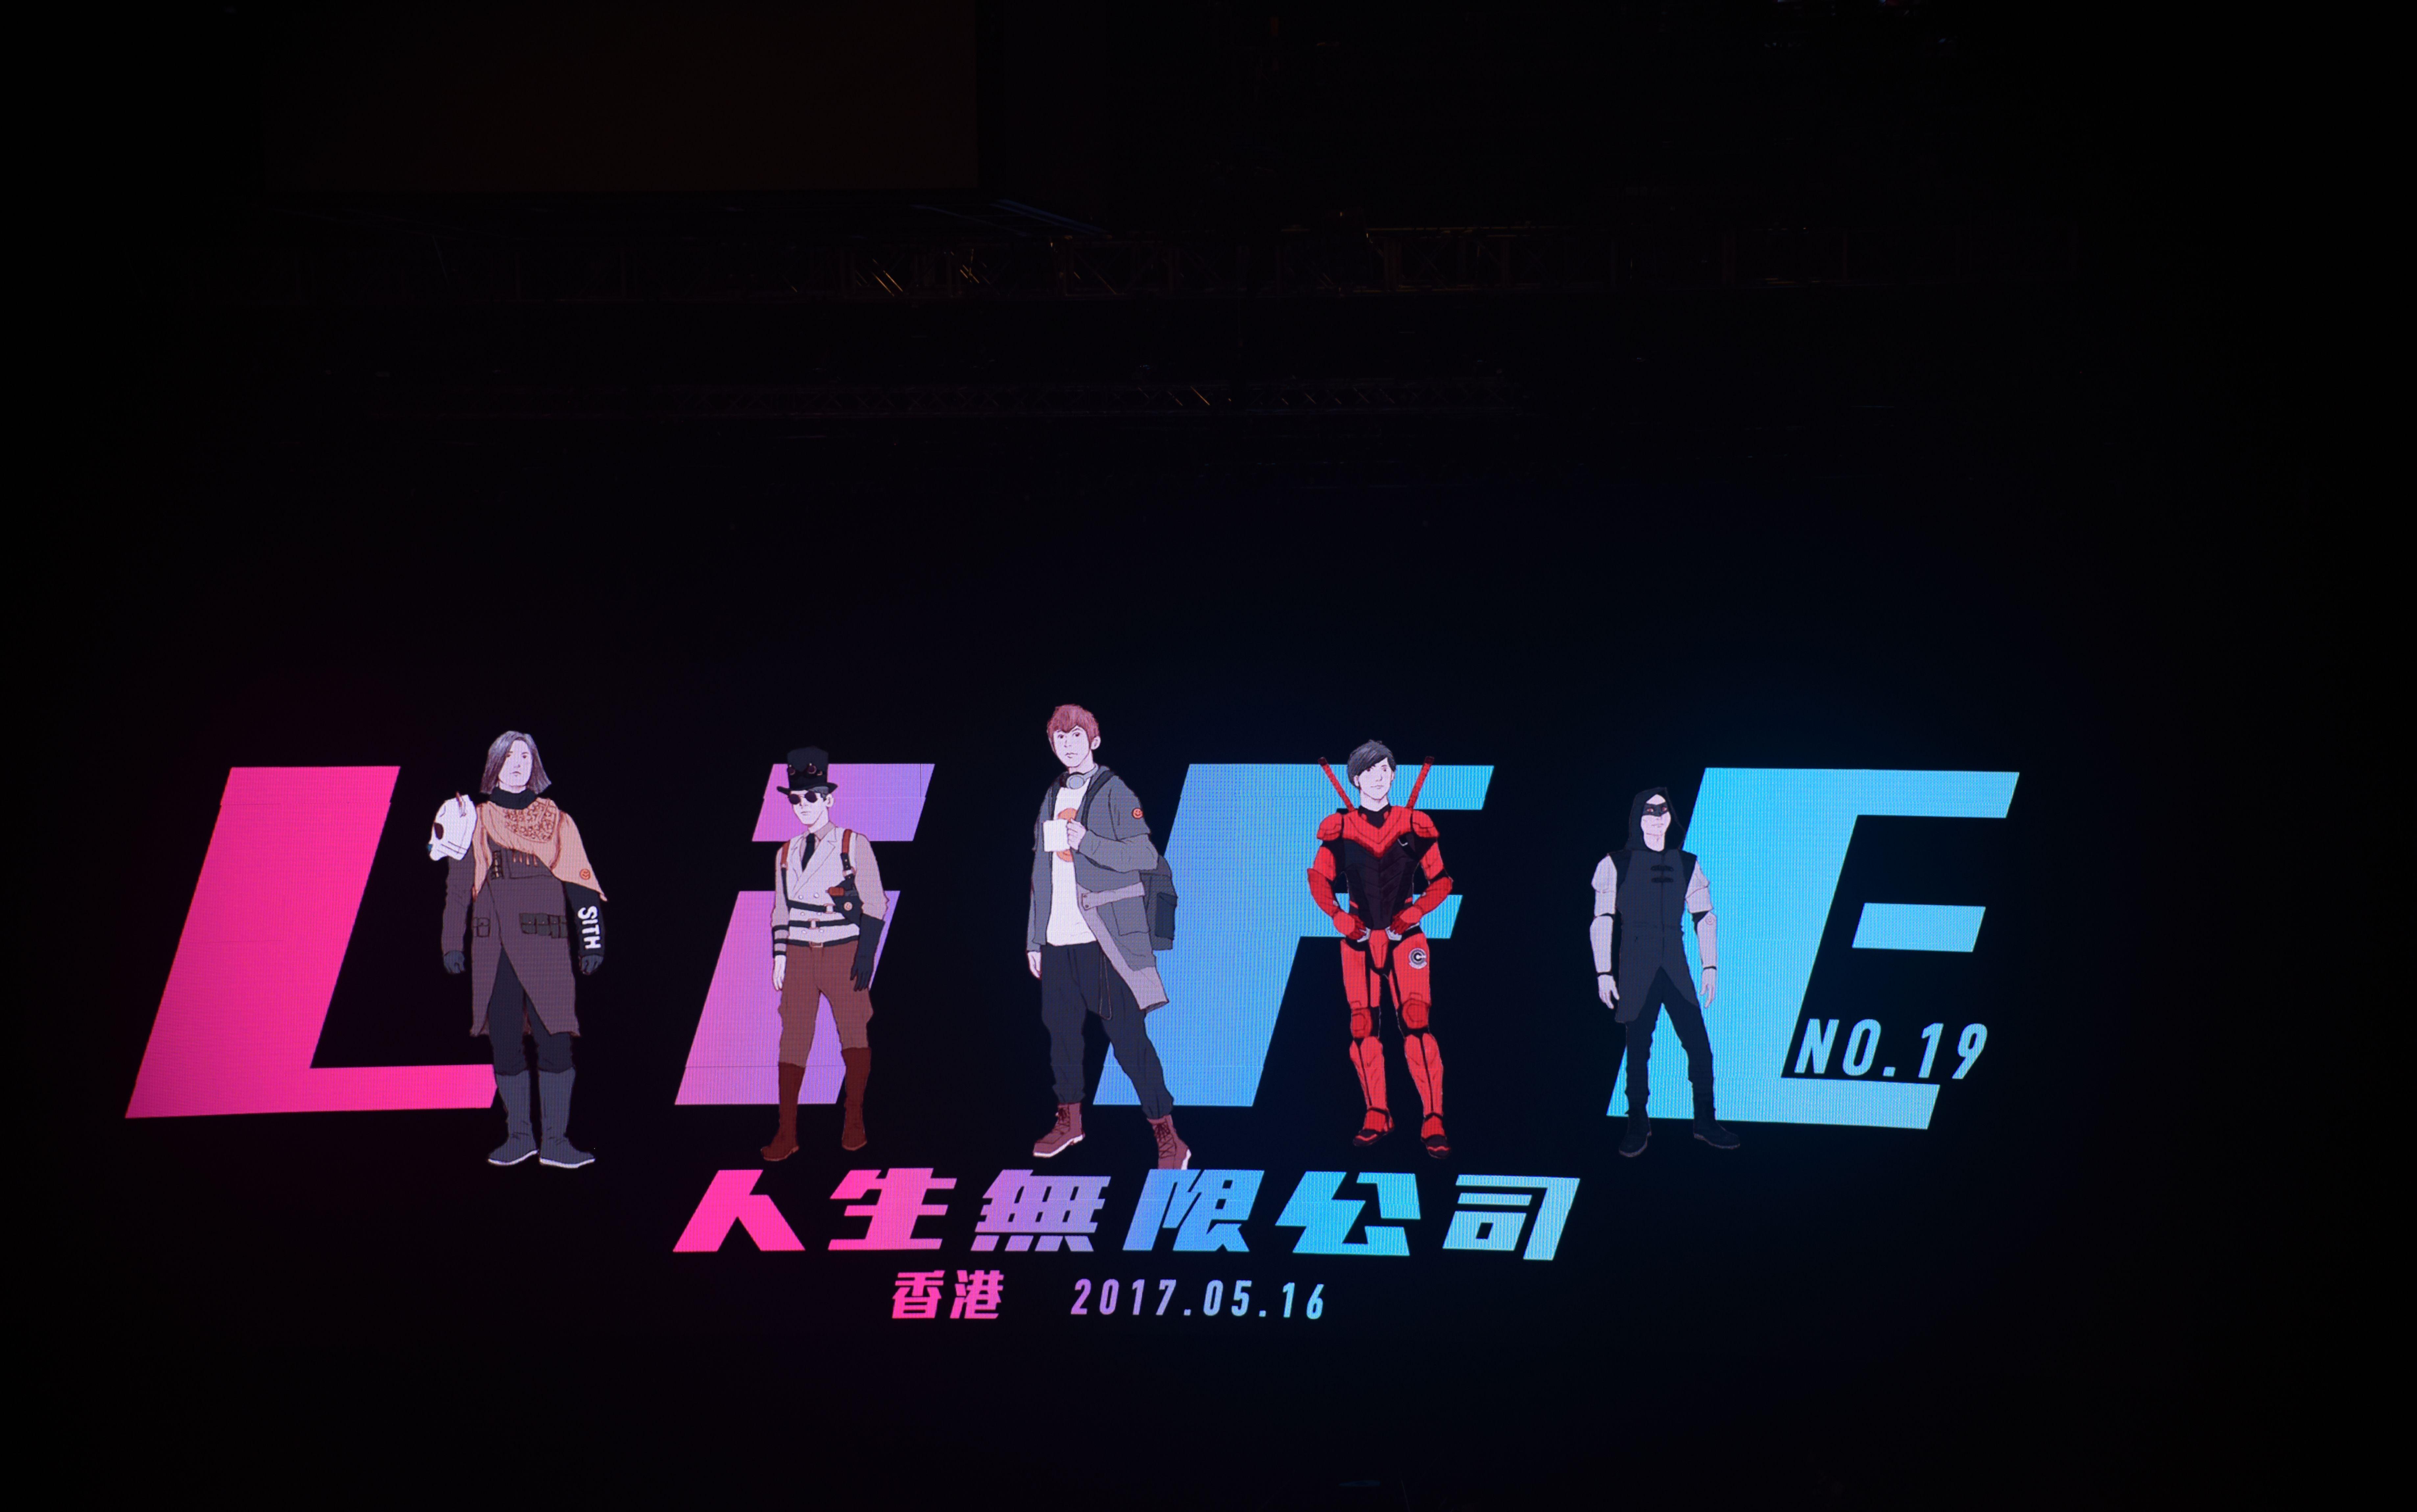 五月天人生無限公司之香港 day5 「愛情陷阱」_嗶哩嗶哩 (゜-゜)つロ 干杯~-bilibili